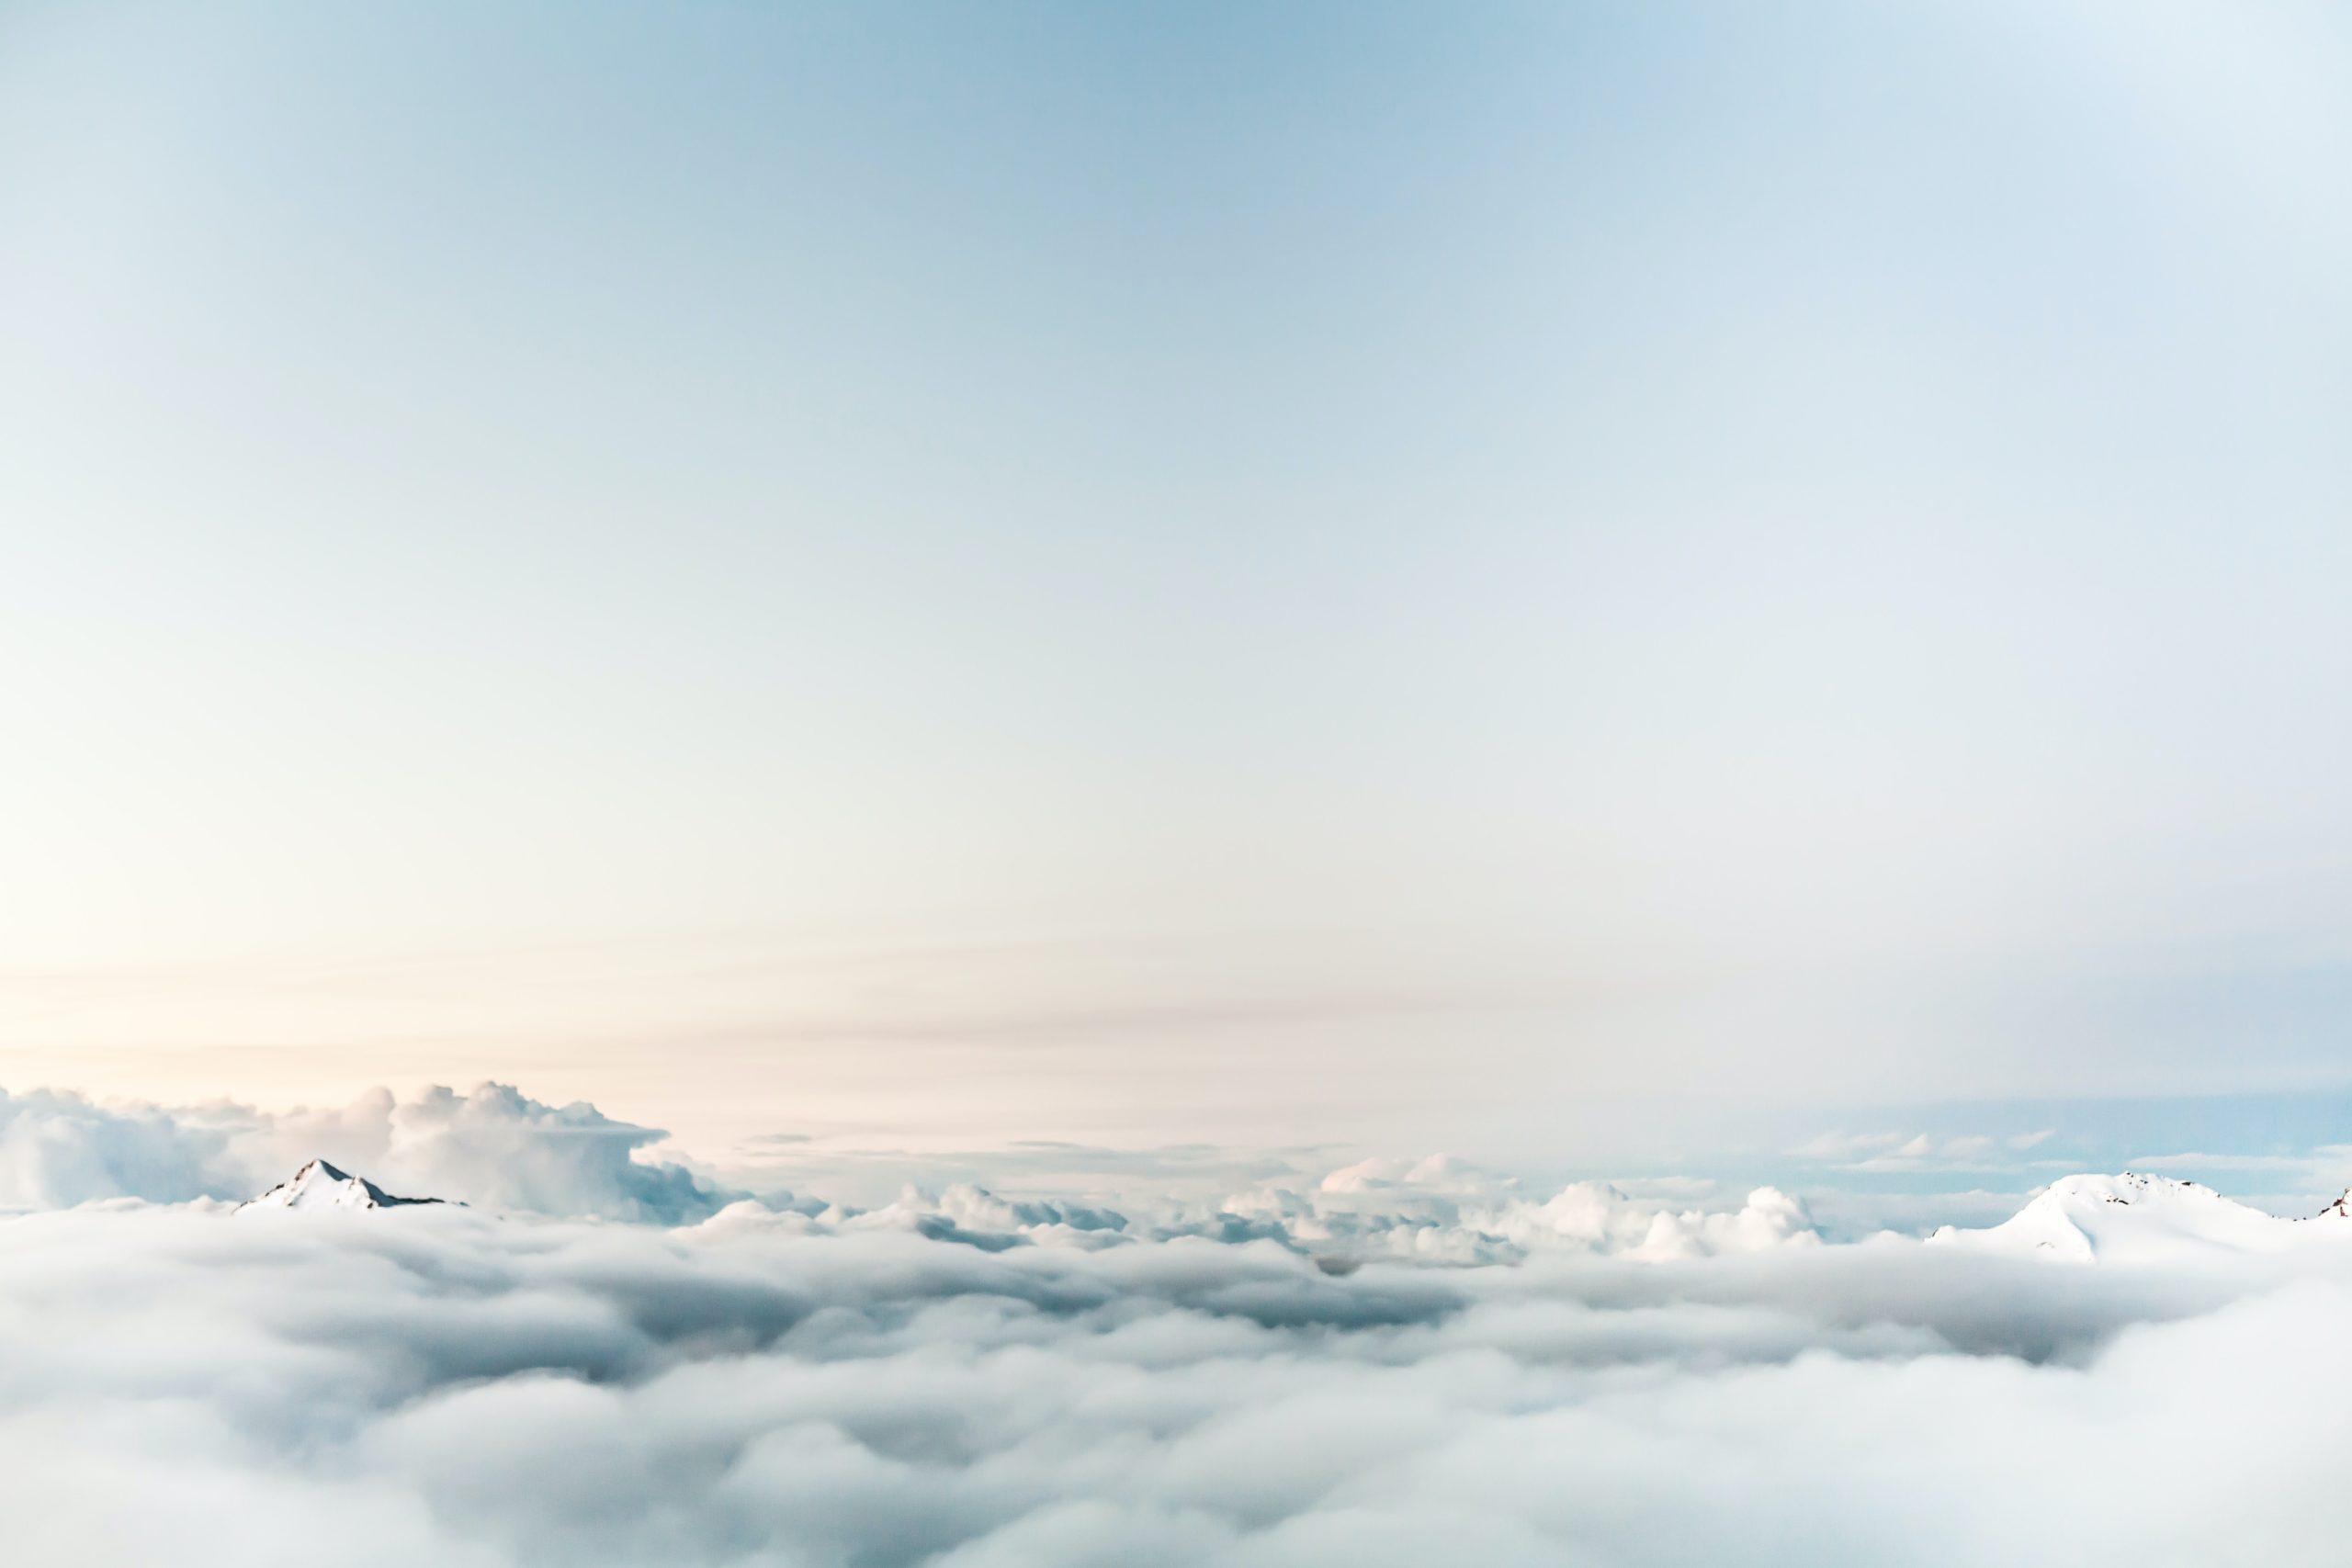 kim bolsover | Dominik Schroder on Unsplash